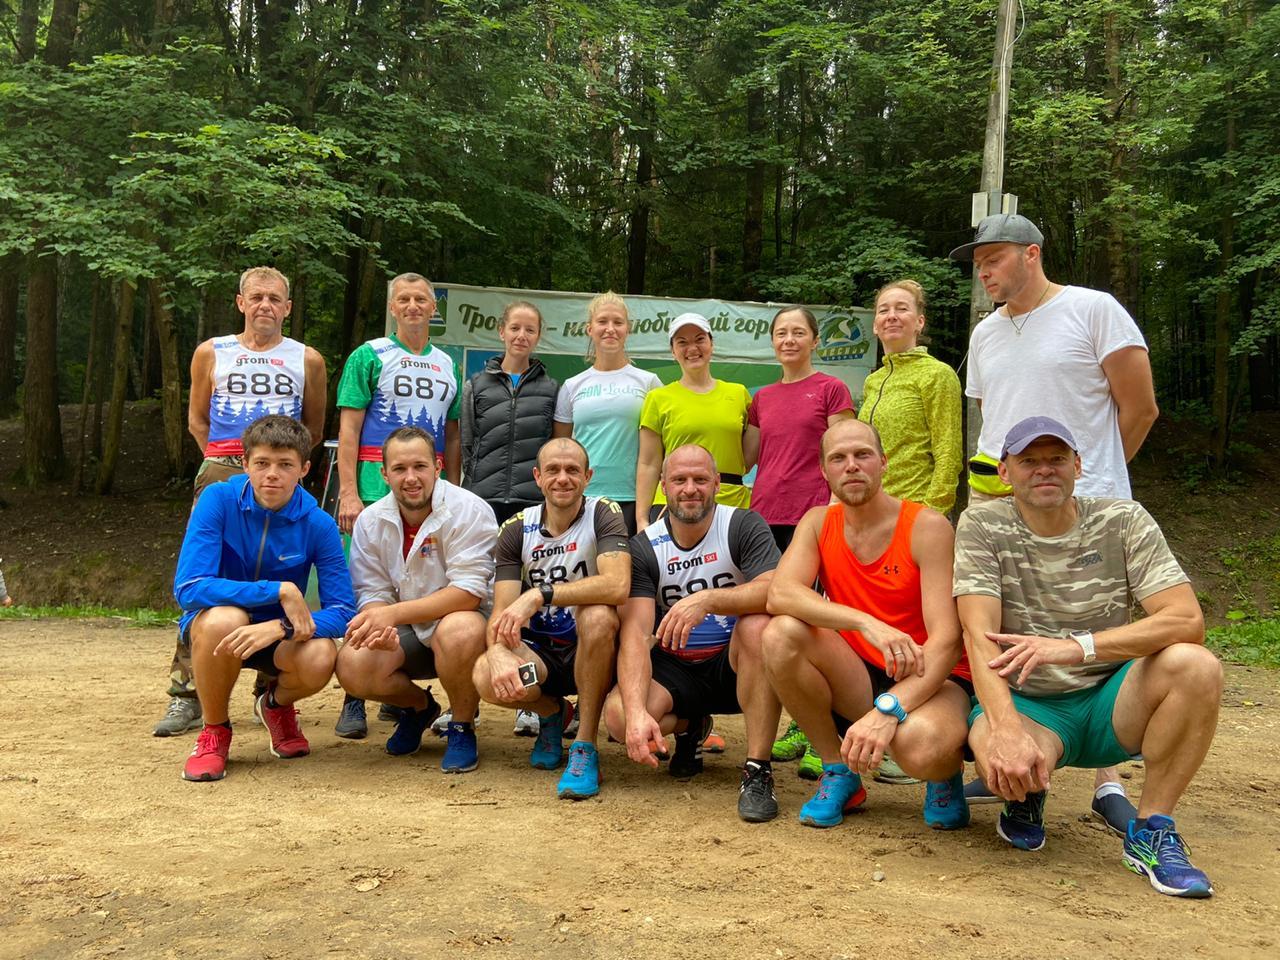 Призерами соревнований по легкоатлетическому кроссу стали спортсмены из Вороновского